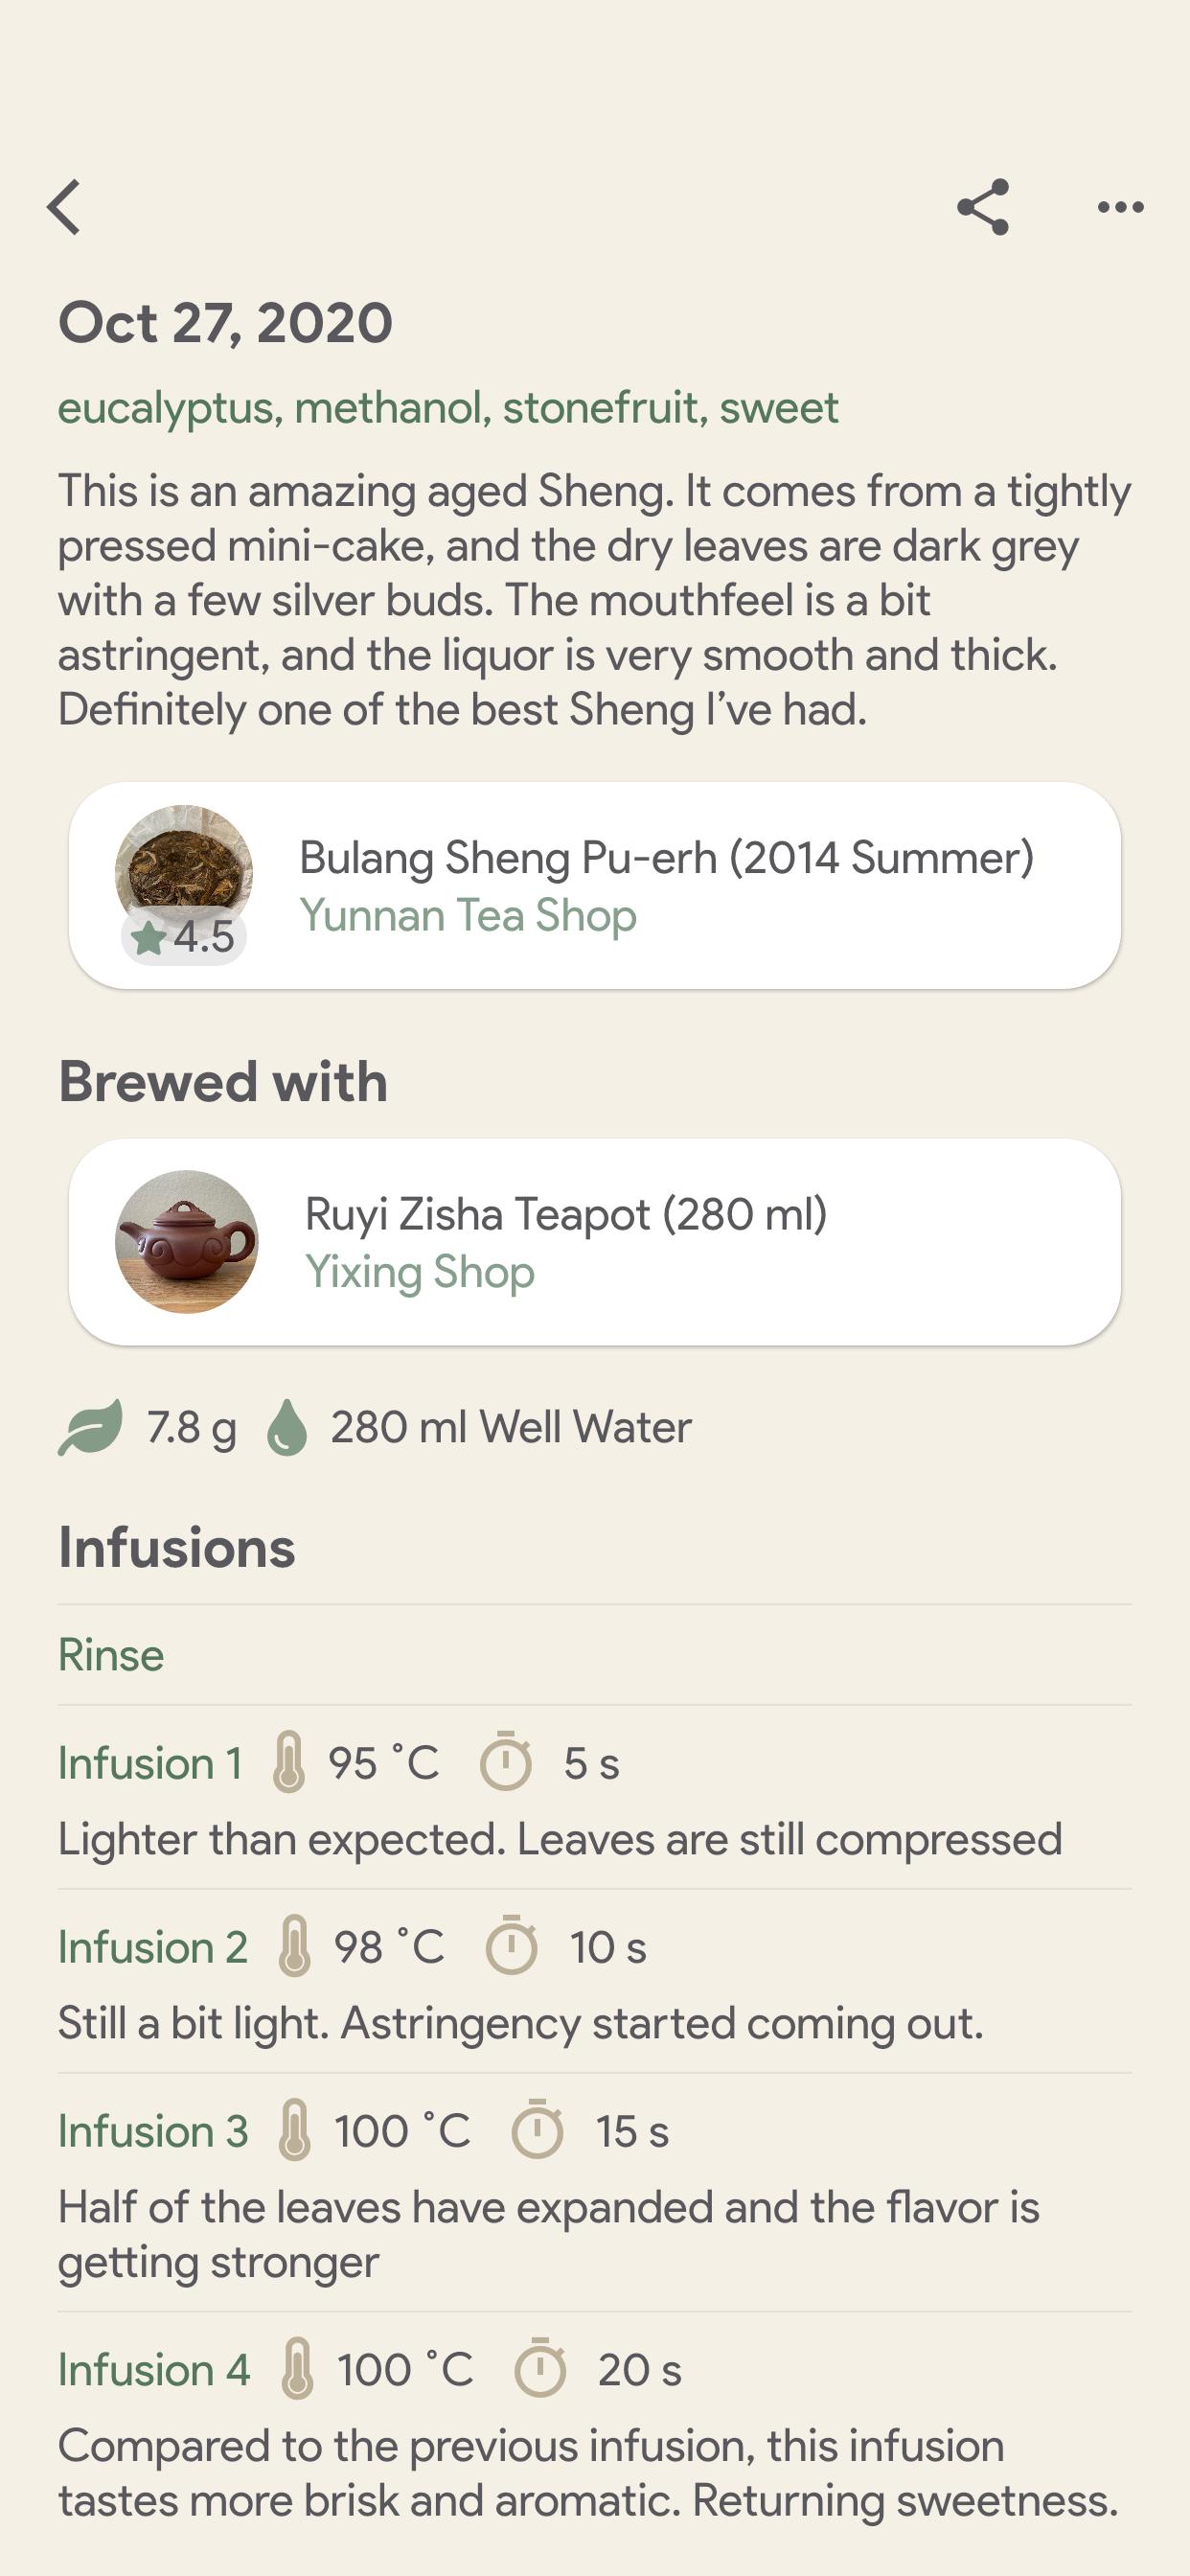 Brew log details